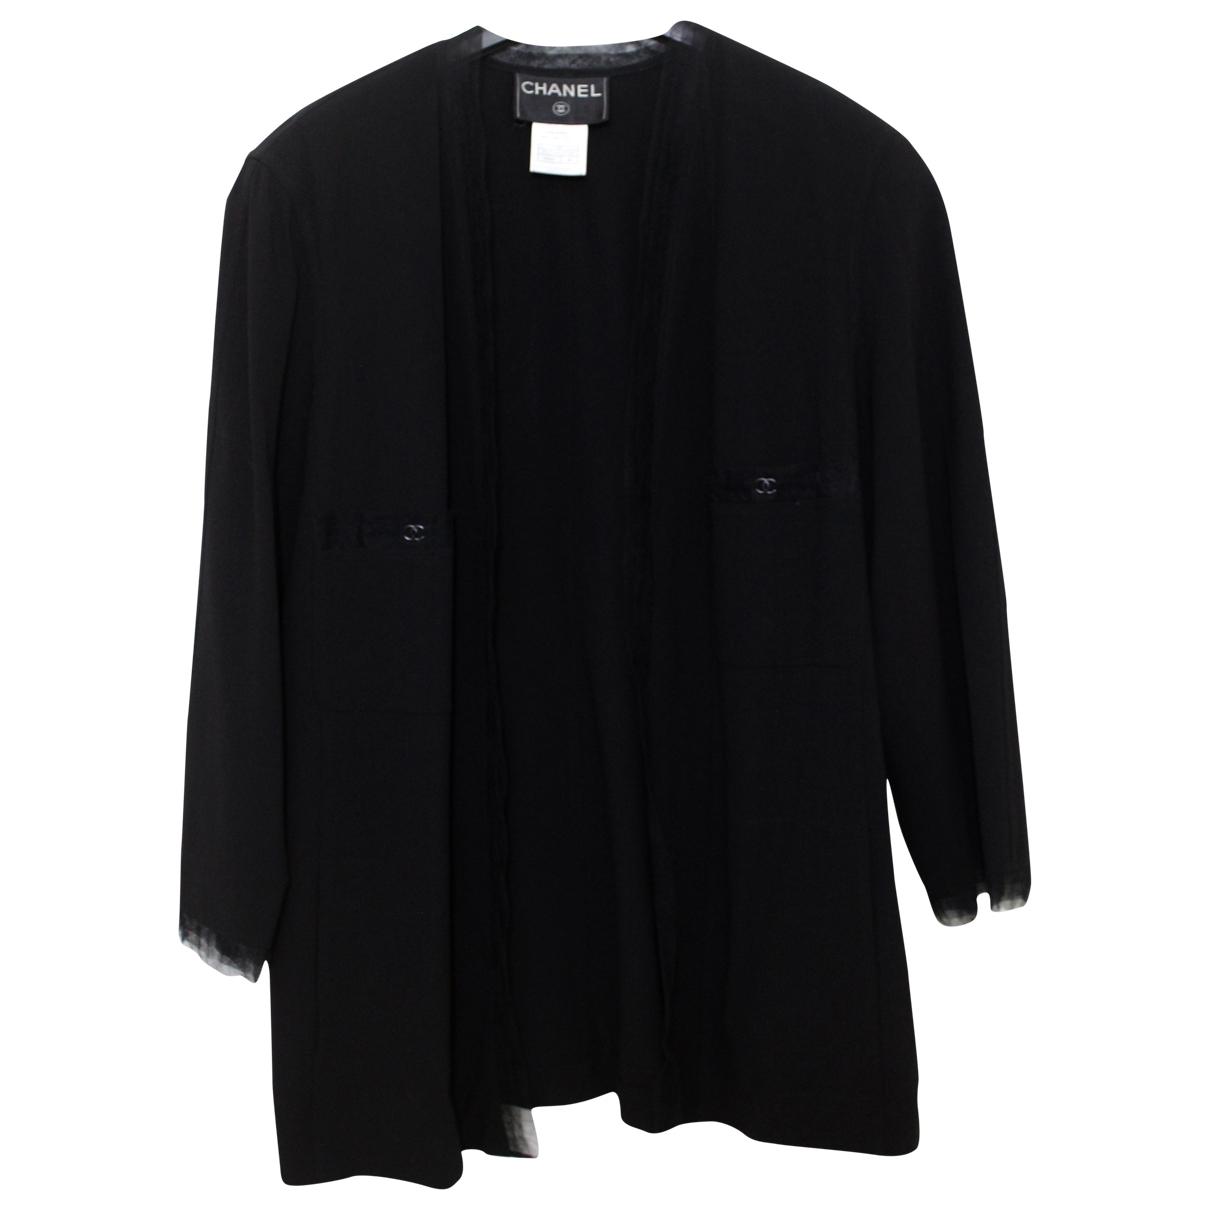 Chanel \N Black Wool jacket for Women 46 FR